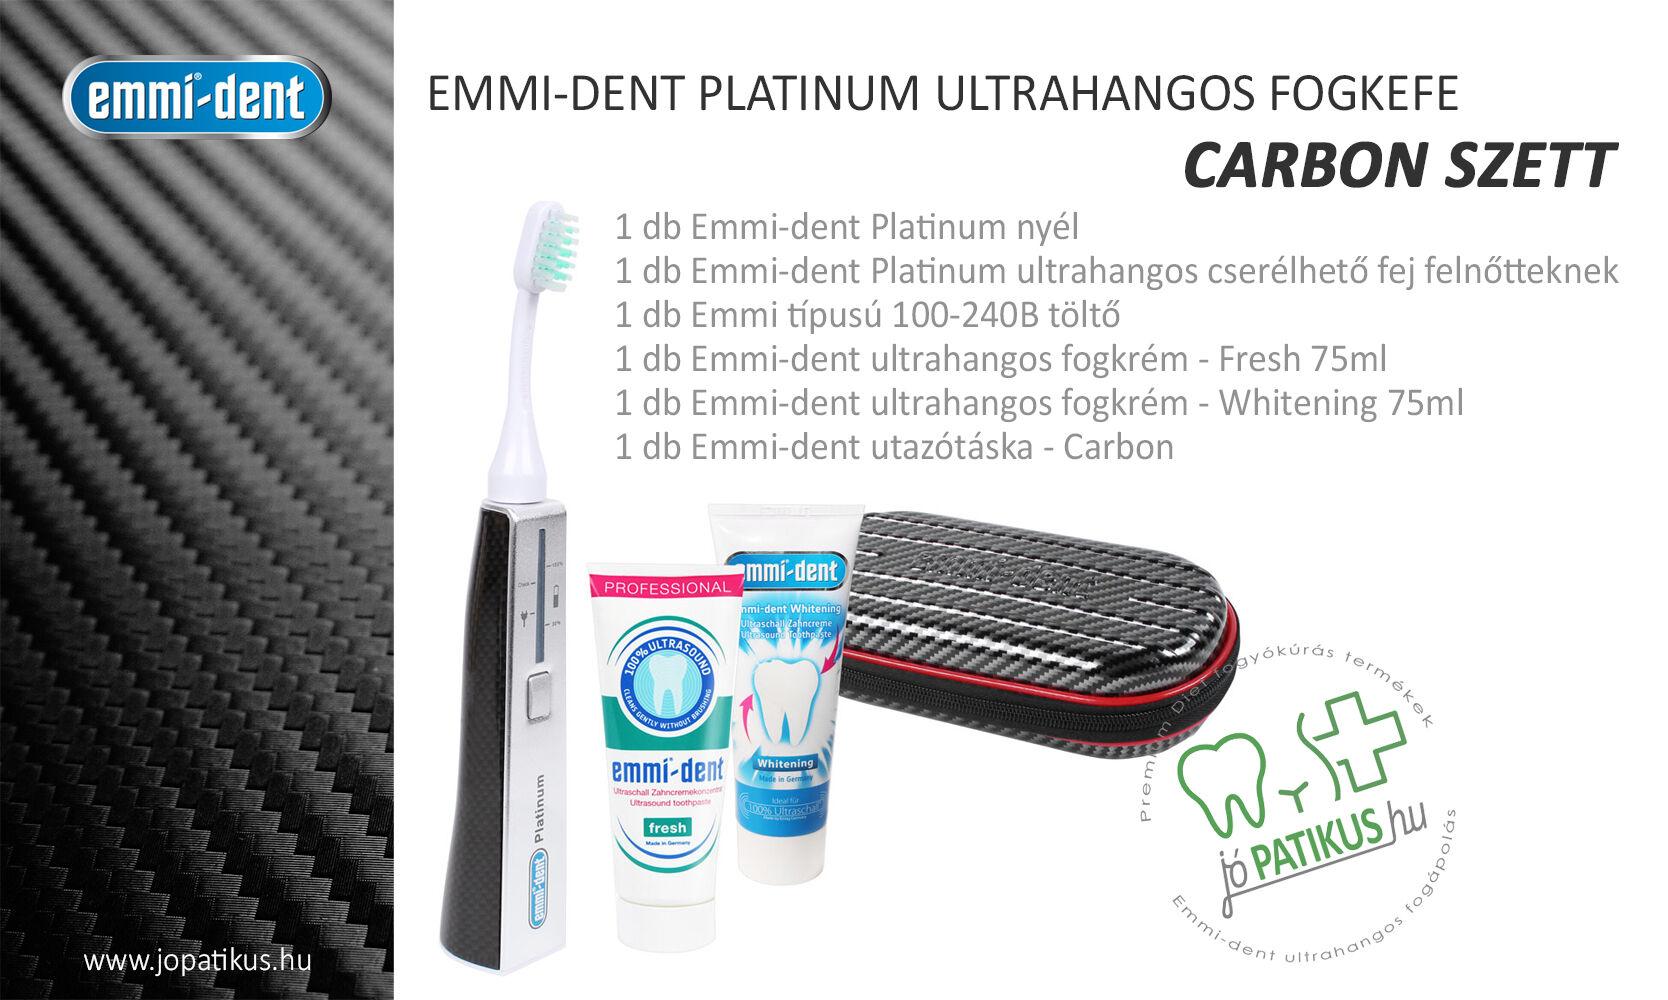 Emmi-dent Platinum ultrahangos fogkefe carbon szett - jopatikus